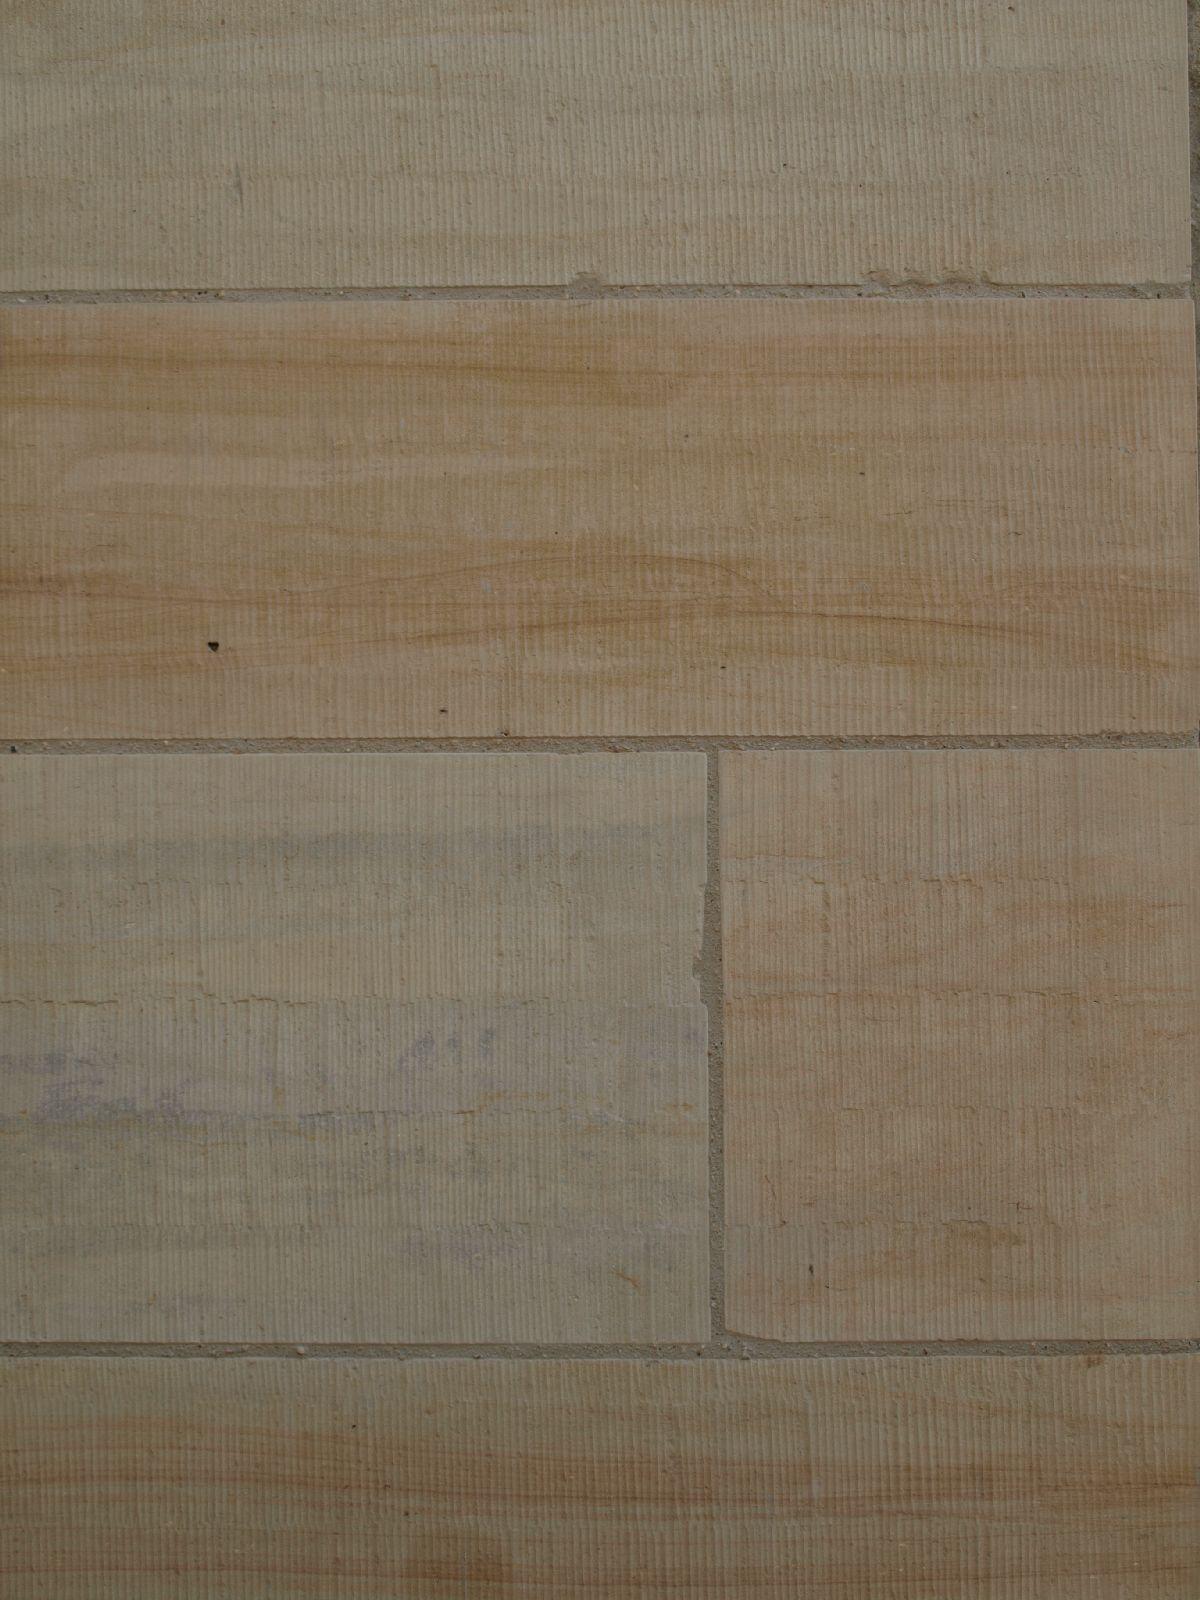 Brick_Texture_A_P6223599